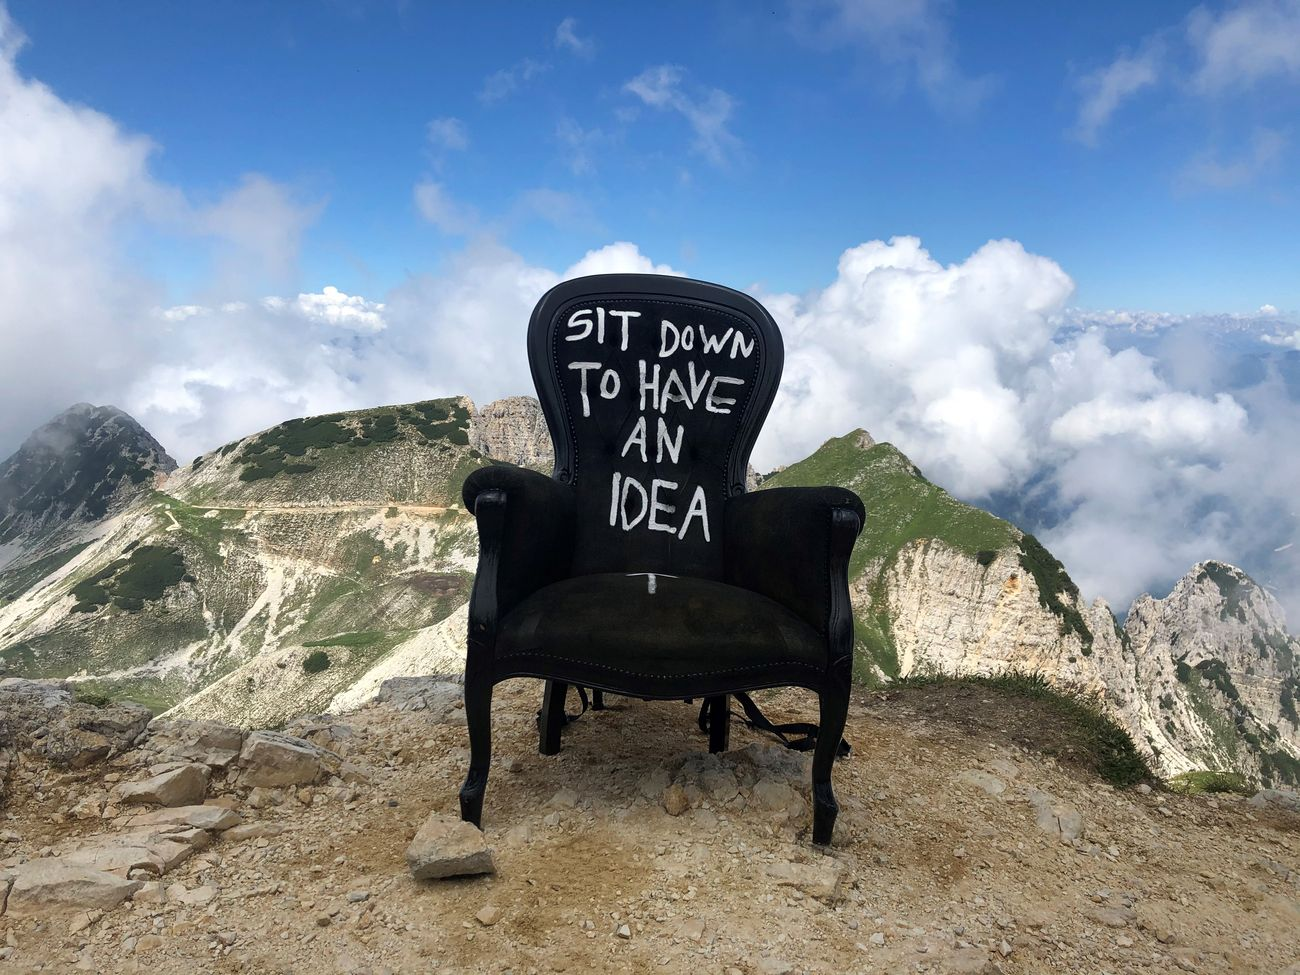 La poltrona 'Sit down to have an idea' sulla cima del monte Carega. Photo Alessandro Frangi